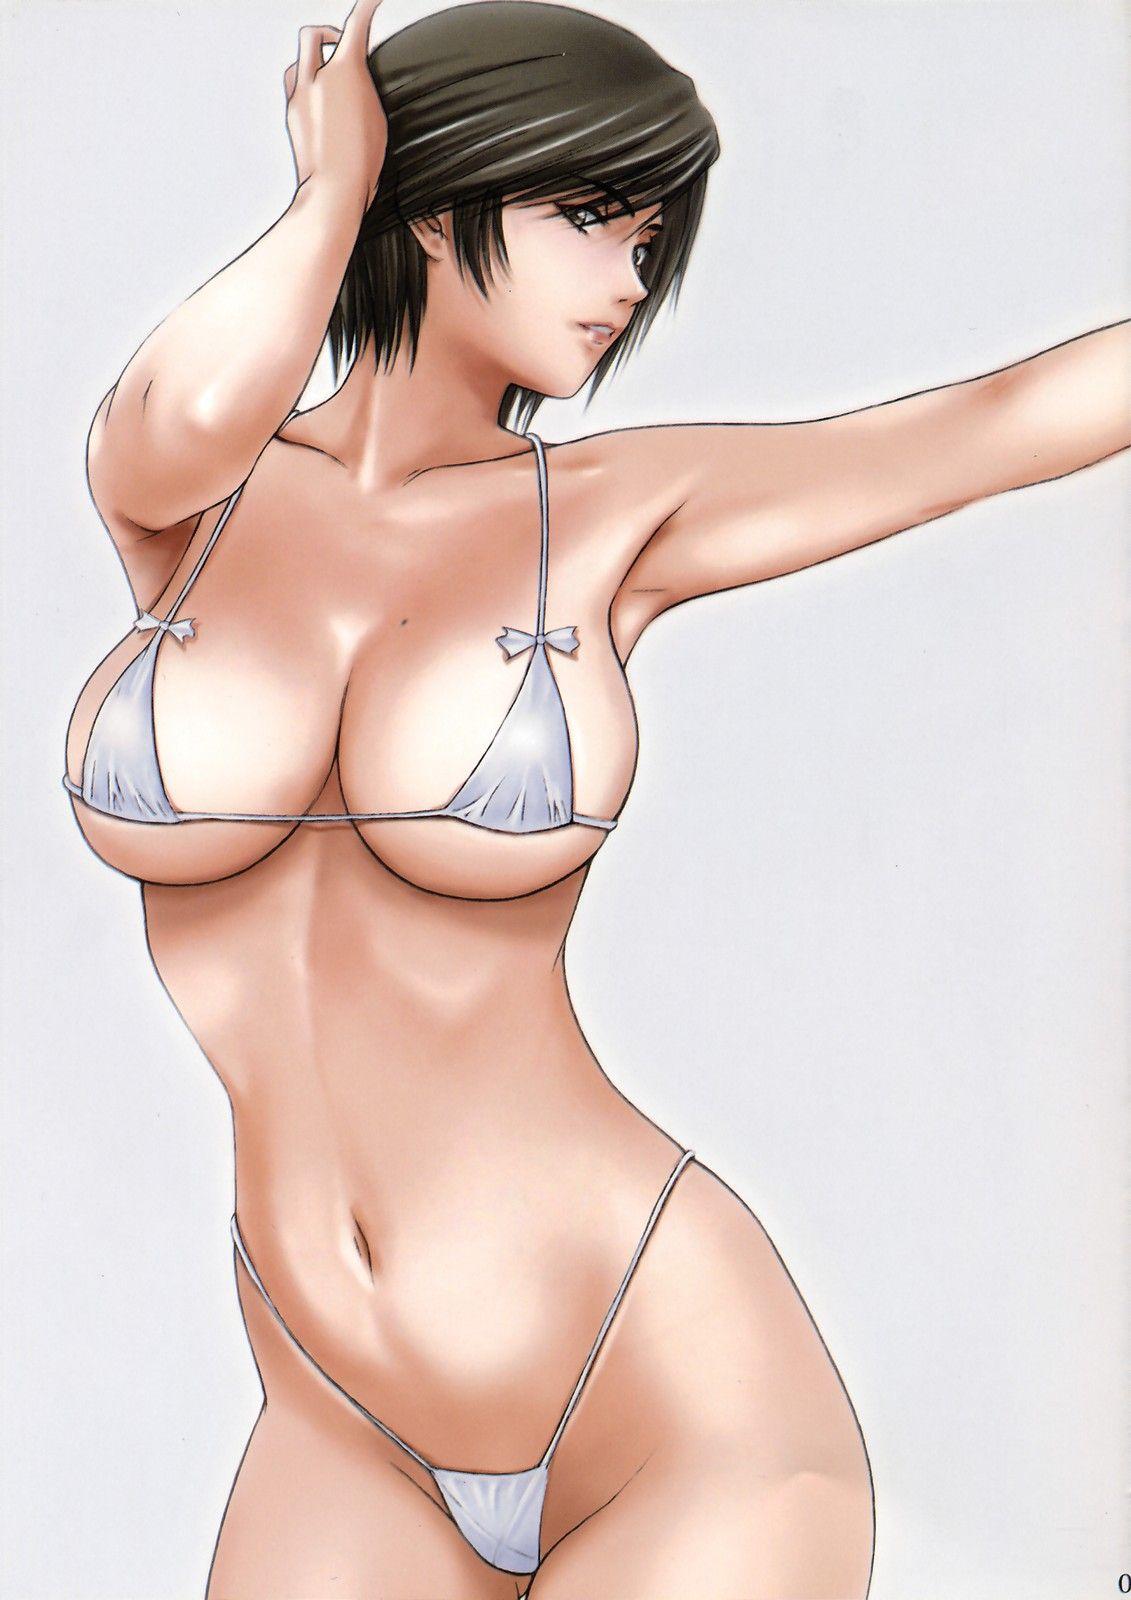 Hidden cam nude young